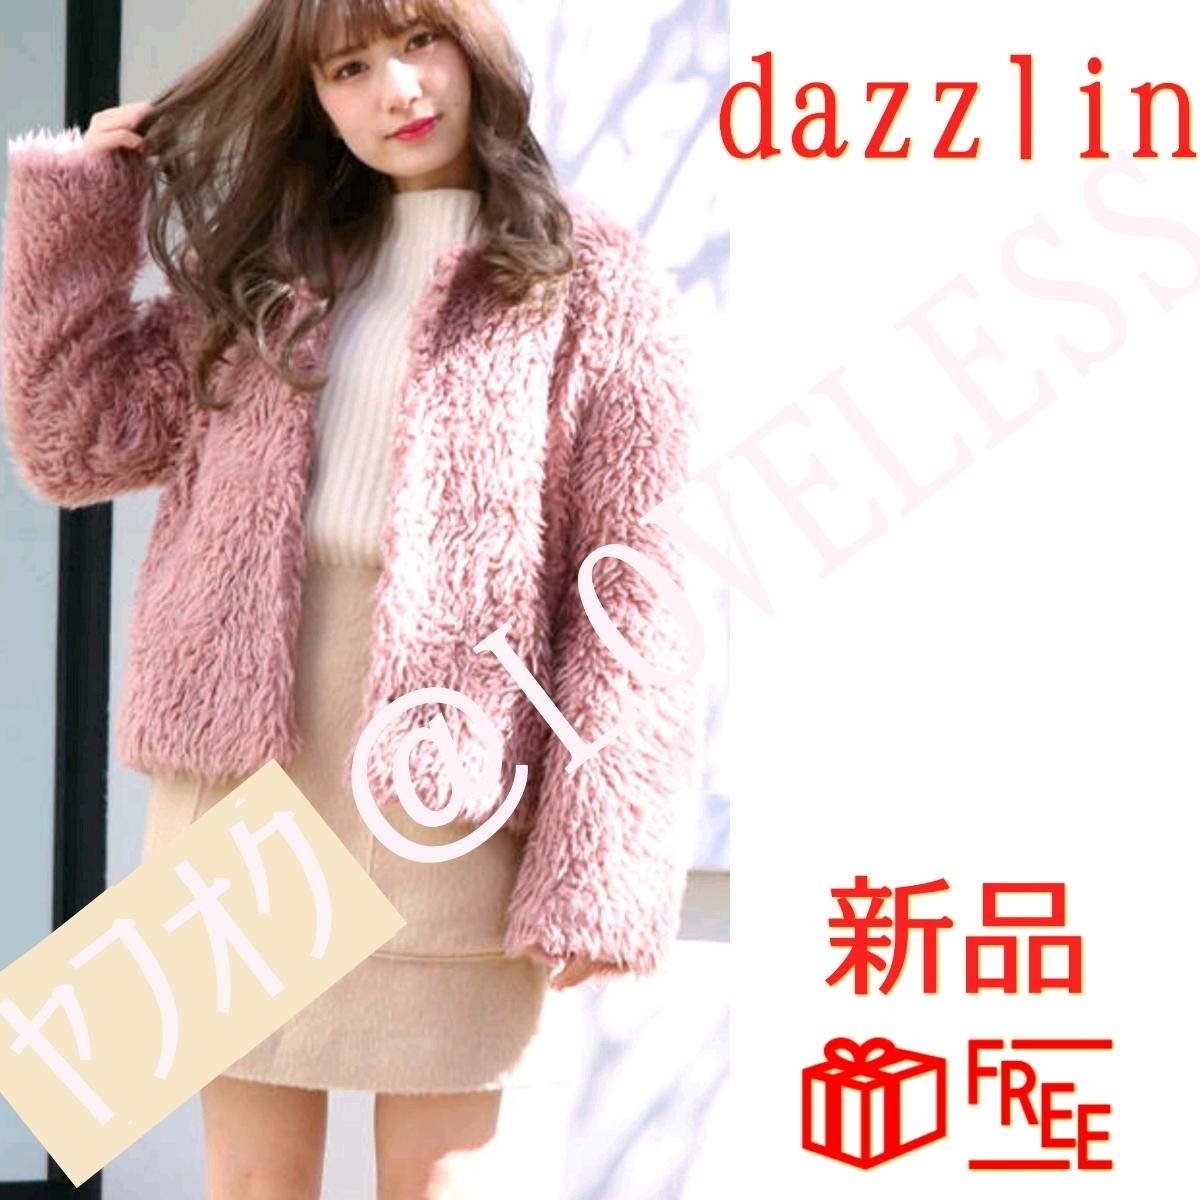 dazzlin ダズリン ふわふわ エコファー フェイクファー ノーカラー コート Fサイズ ピンク